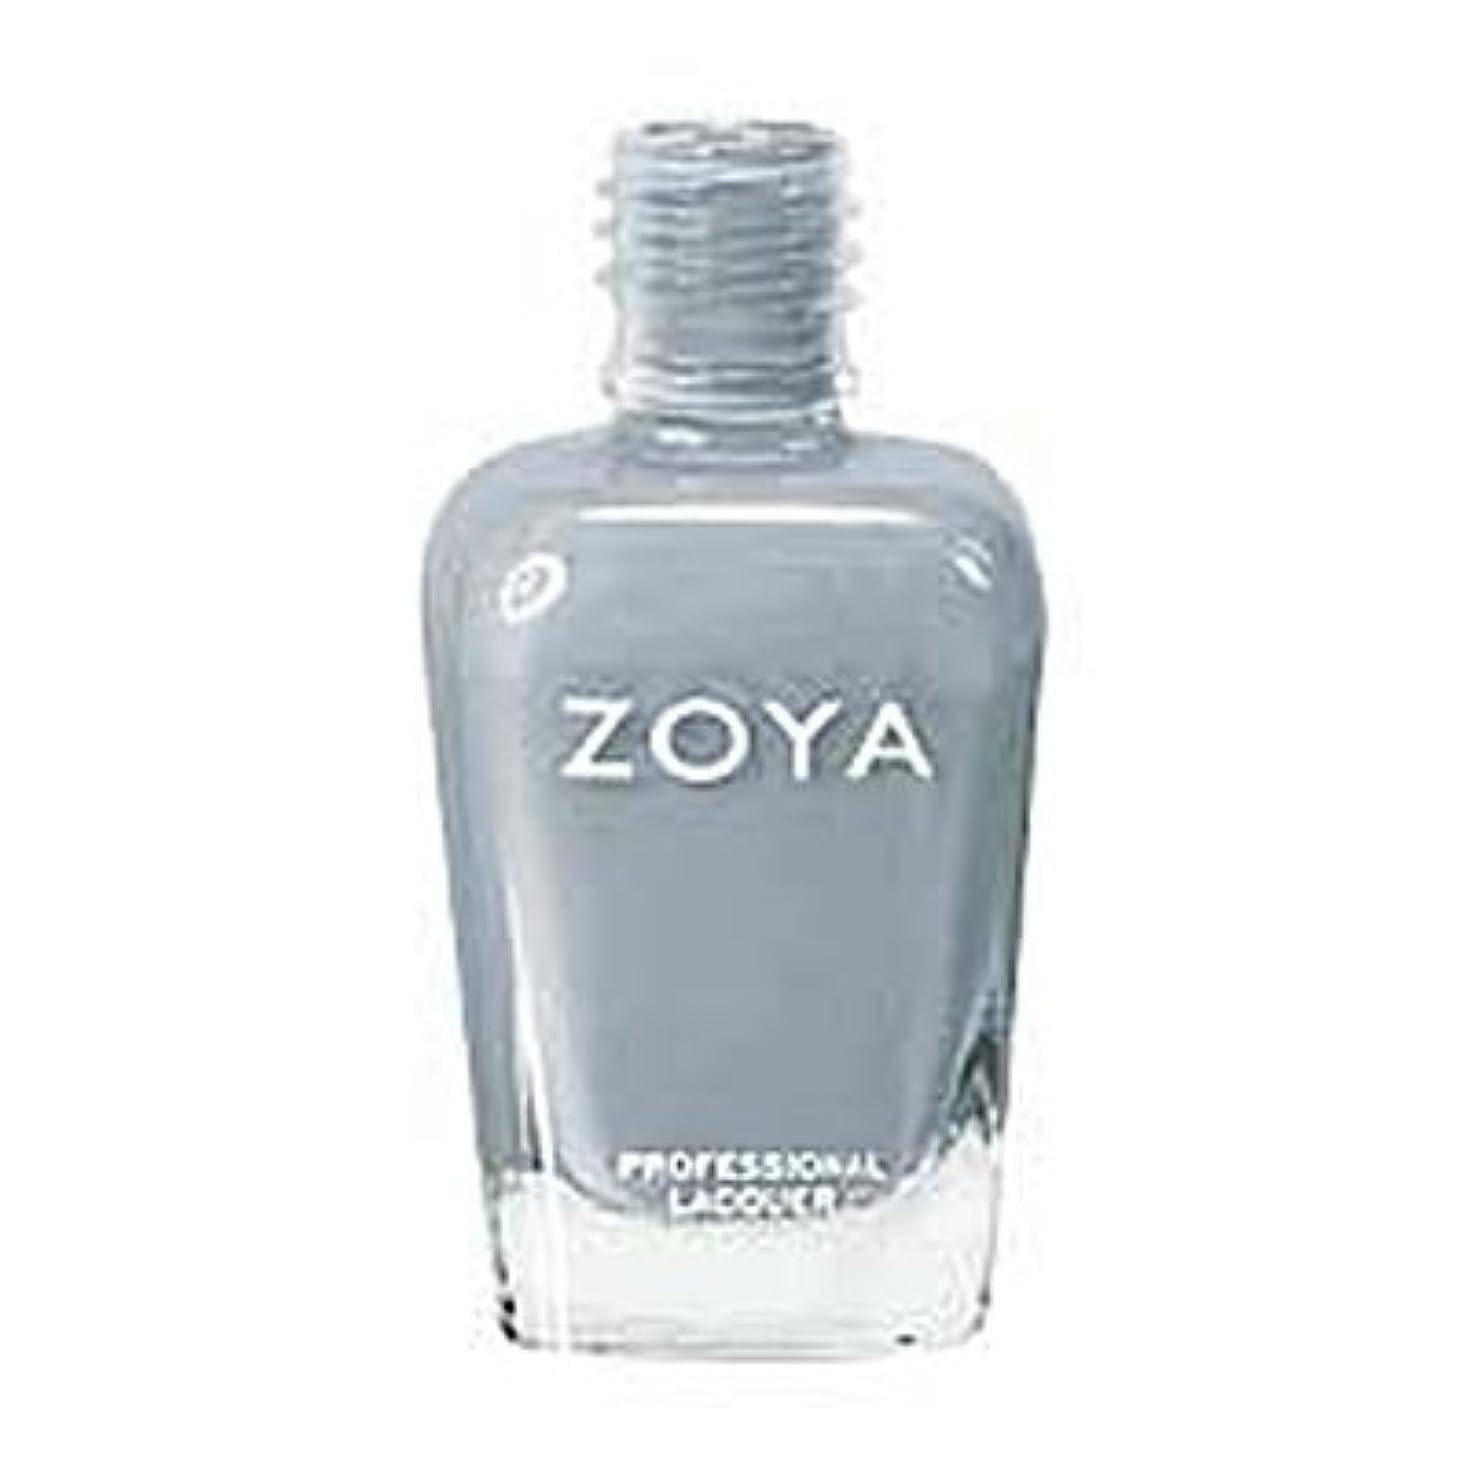 ジャグリング良心的ボルト[Zoya] ZP591 クリスティン [Feel Collection][並行輸入品][海外直送品]